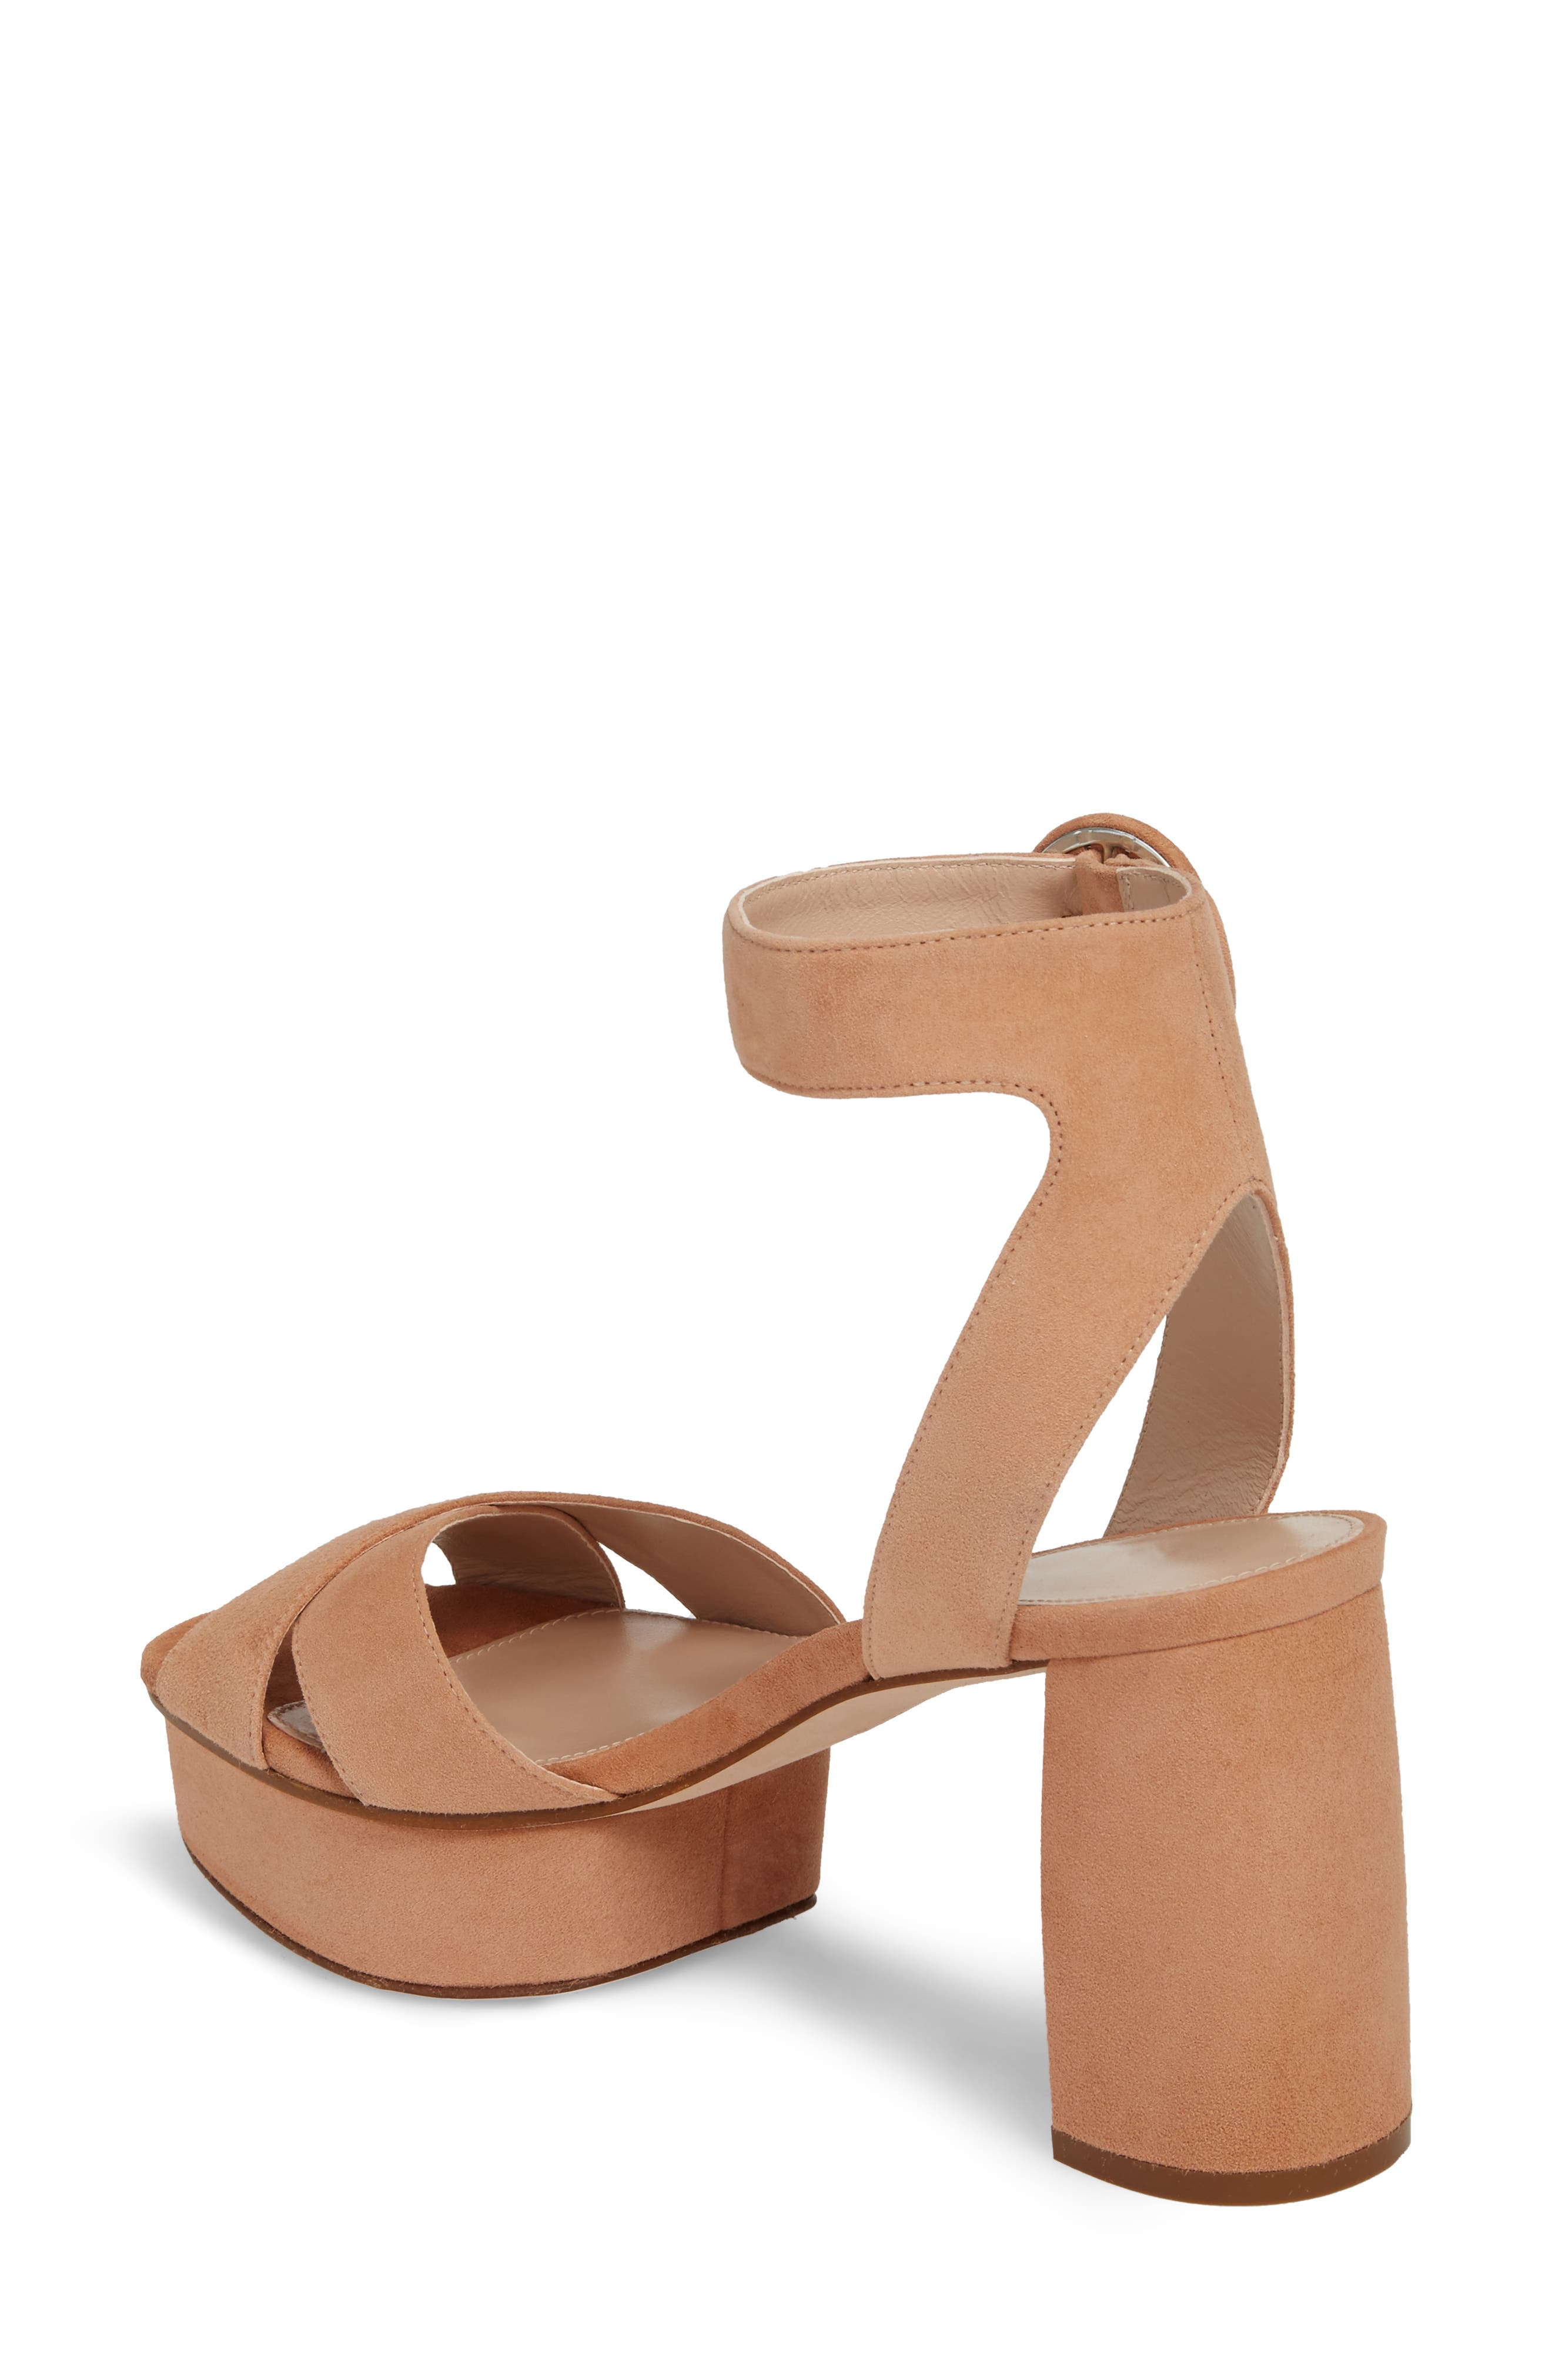 Carmina Ankle Strap Platform Sandal,                             Alternate thumbnail 2, color,                             Naked Seda Suede